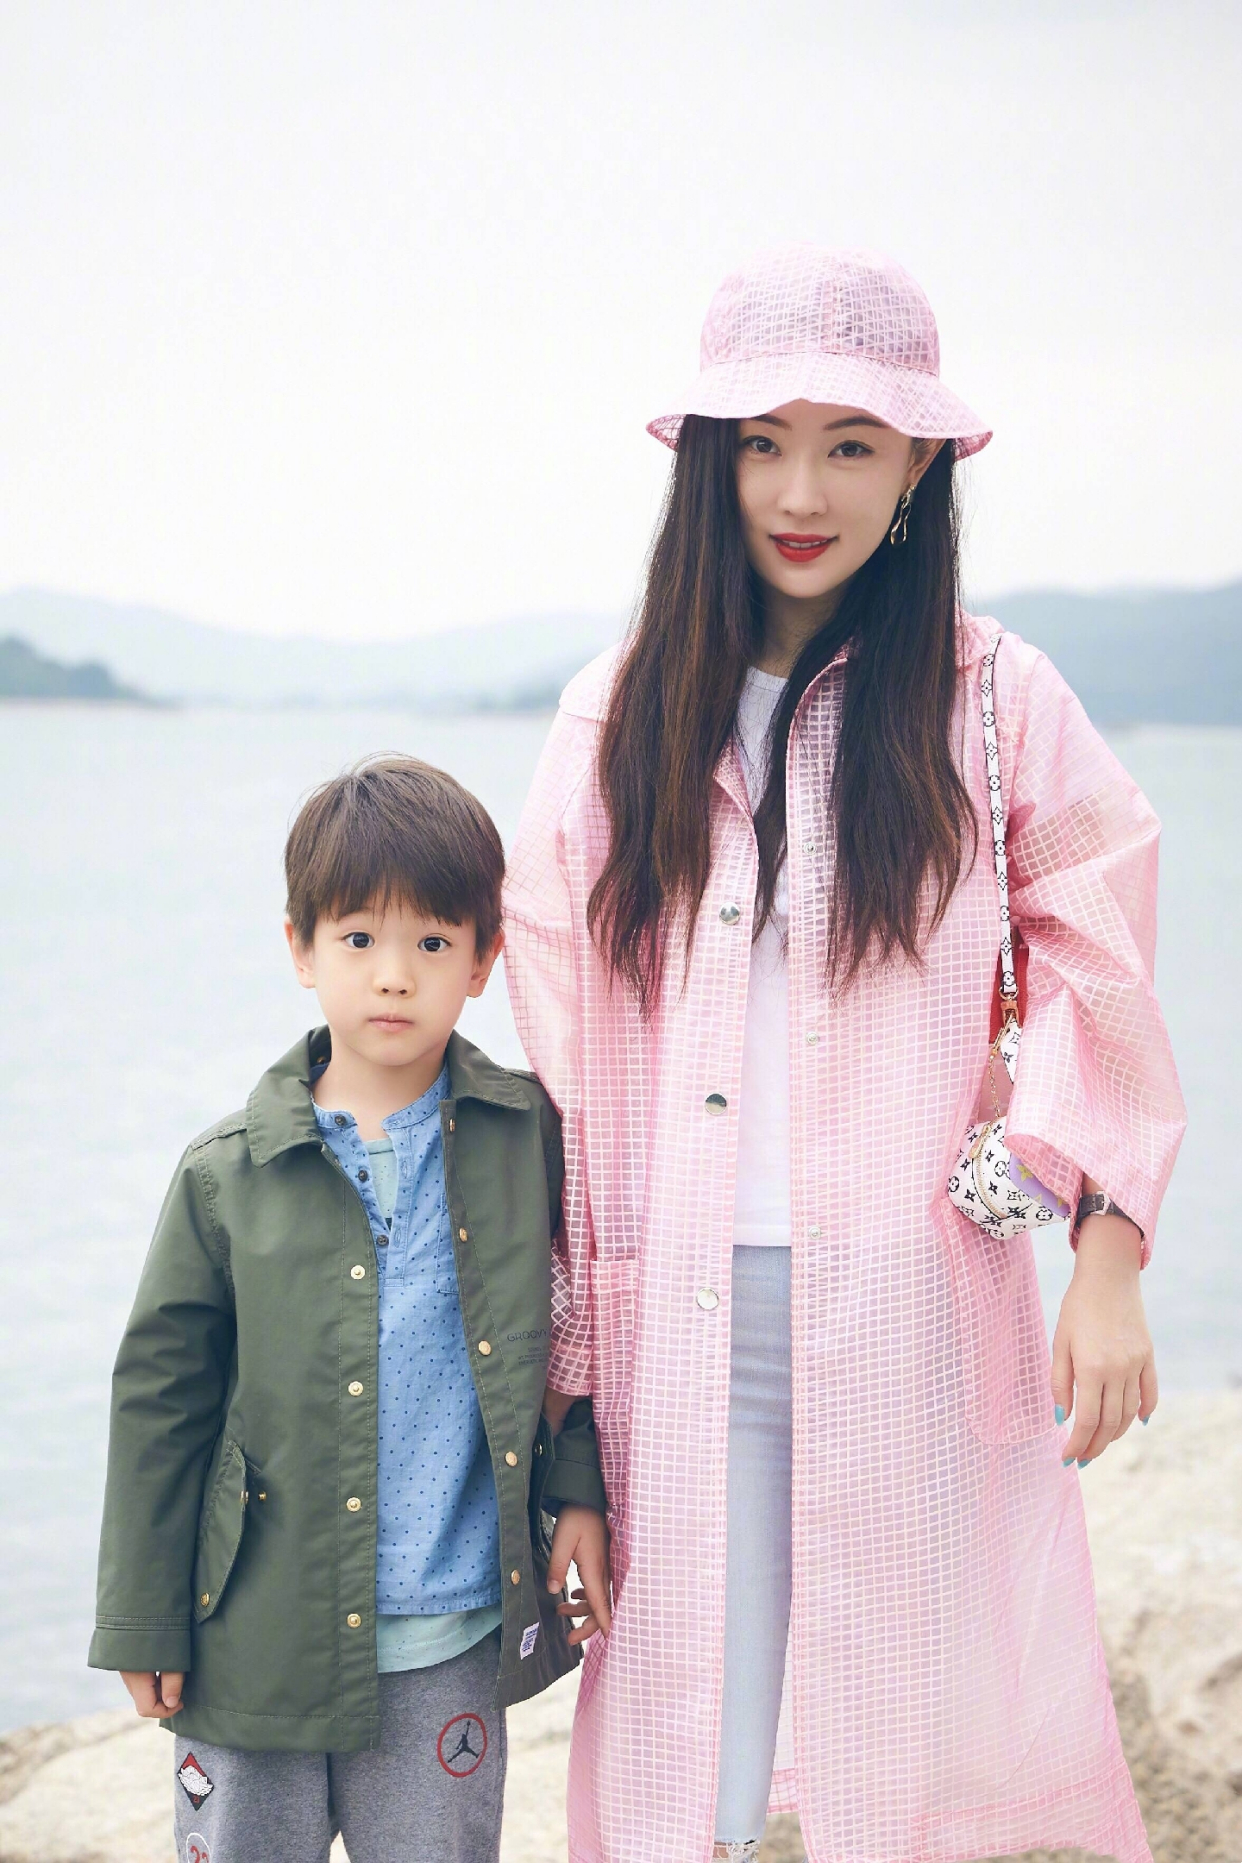 张晓龙老婆结婚照图片